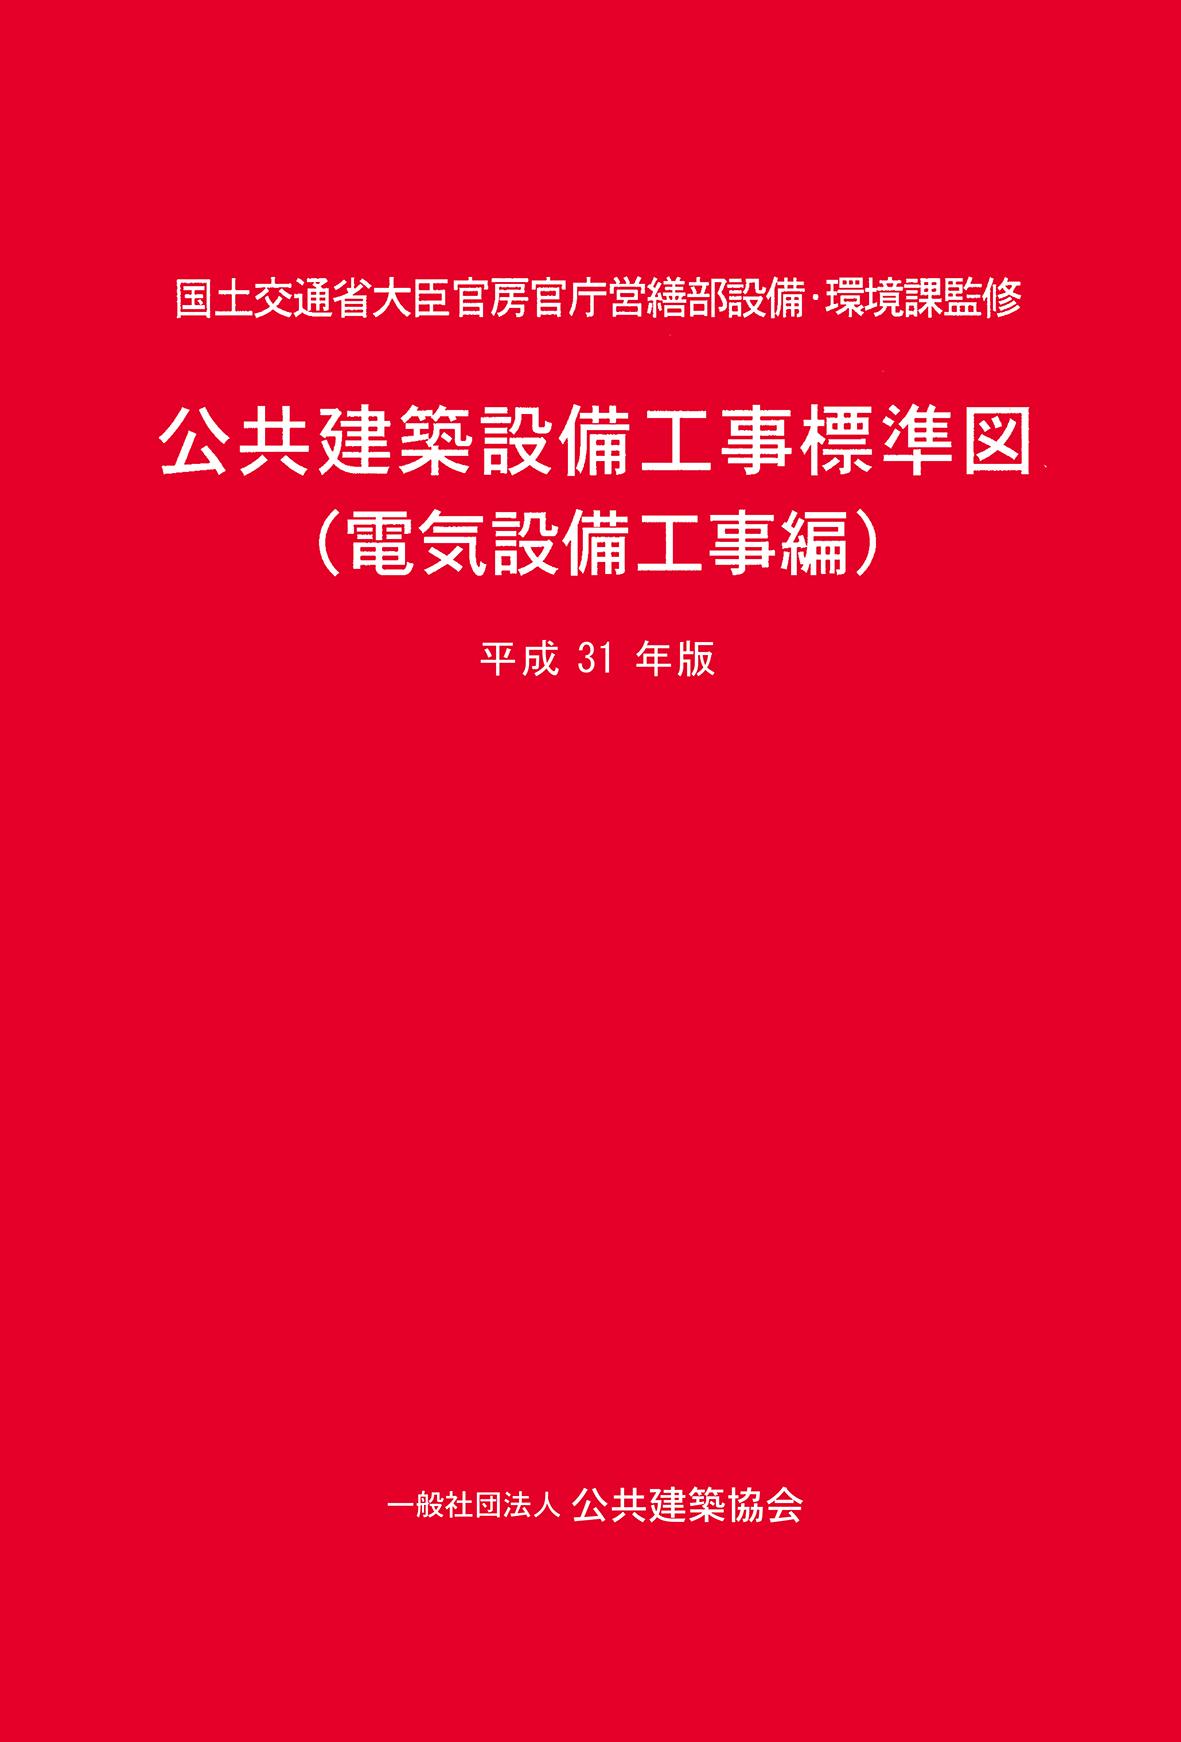 公共建築設備工事標準図(電気設備工事編)平成31年版